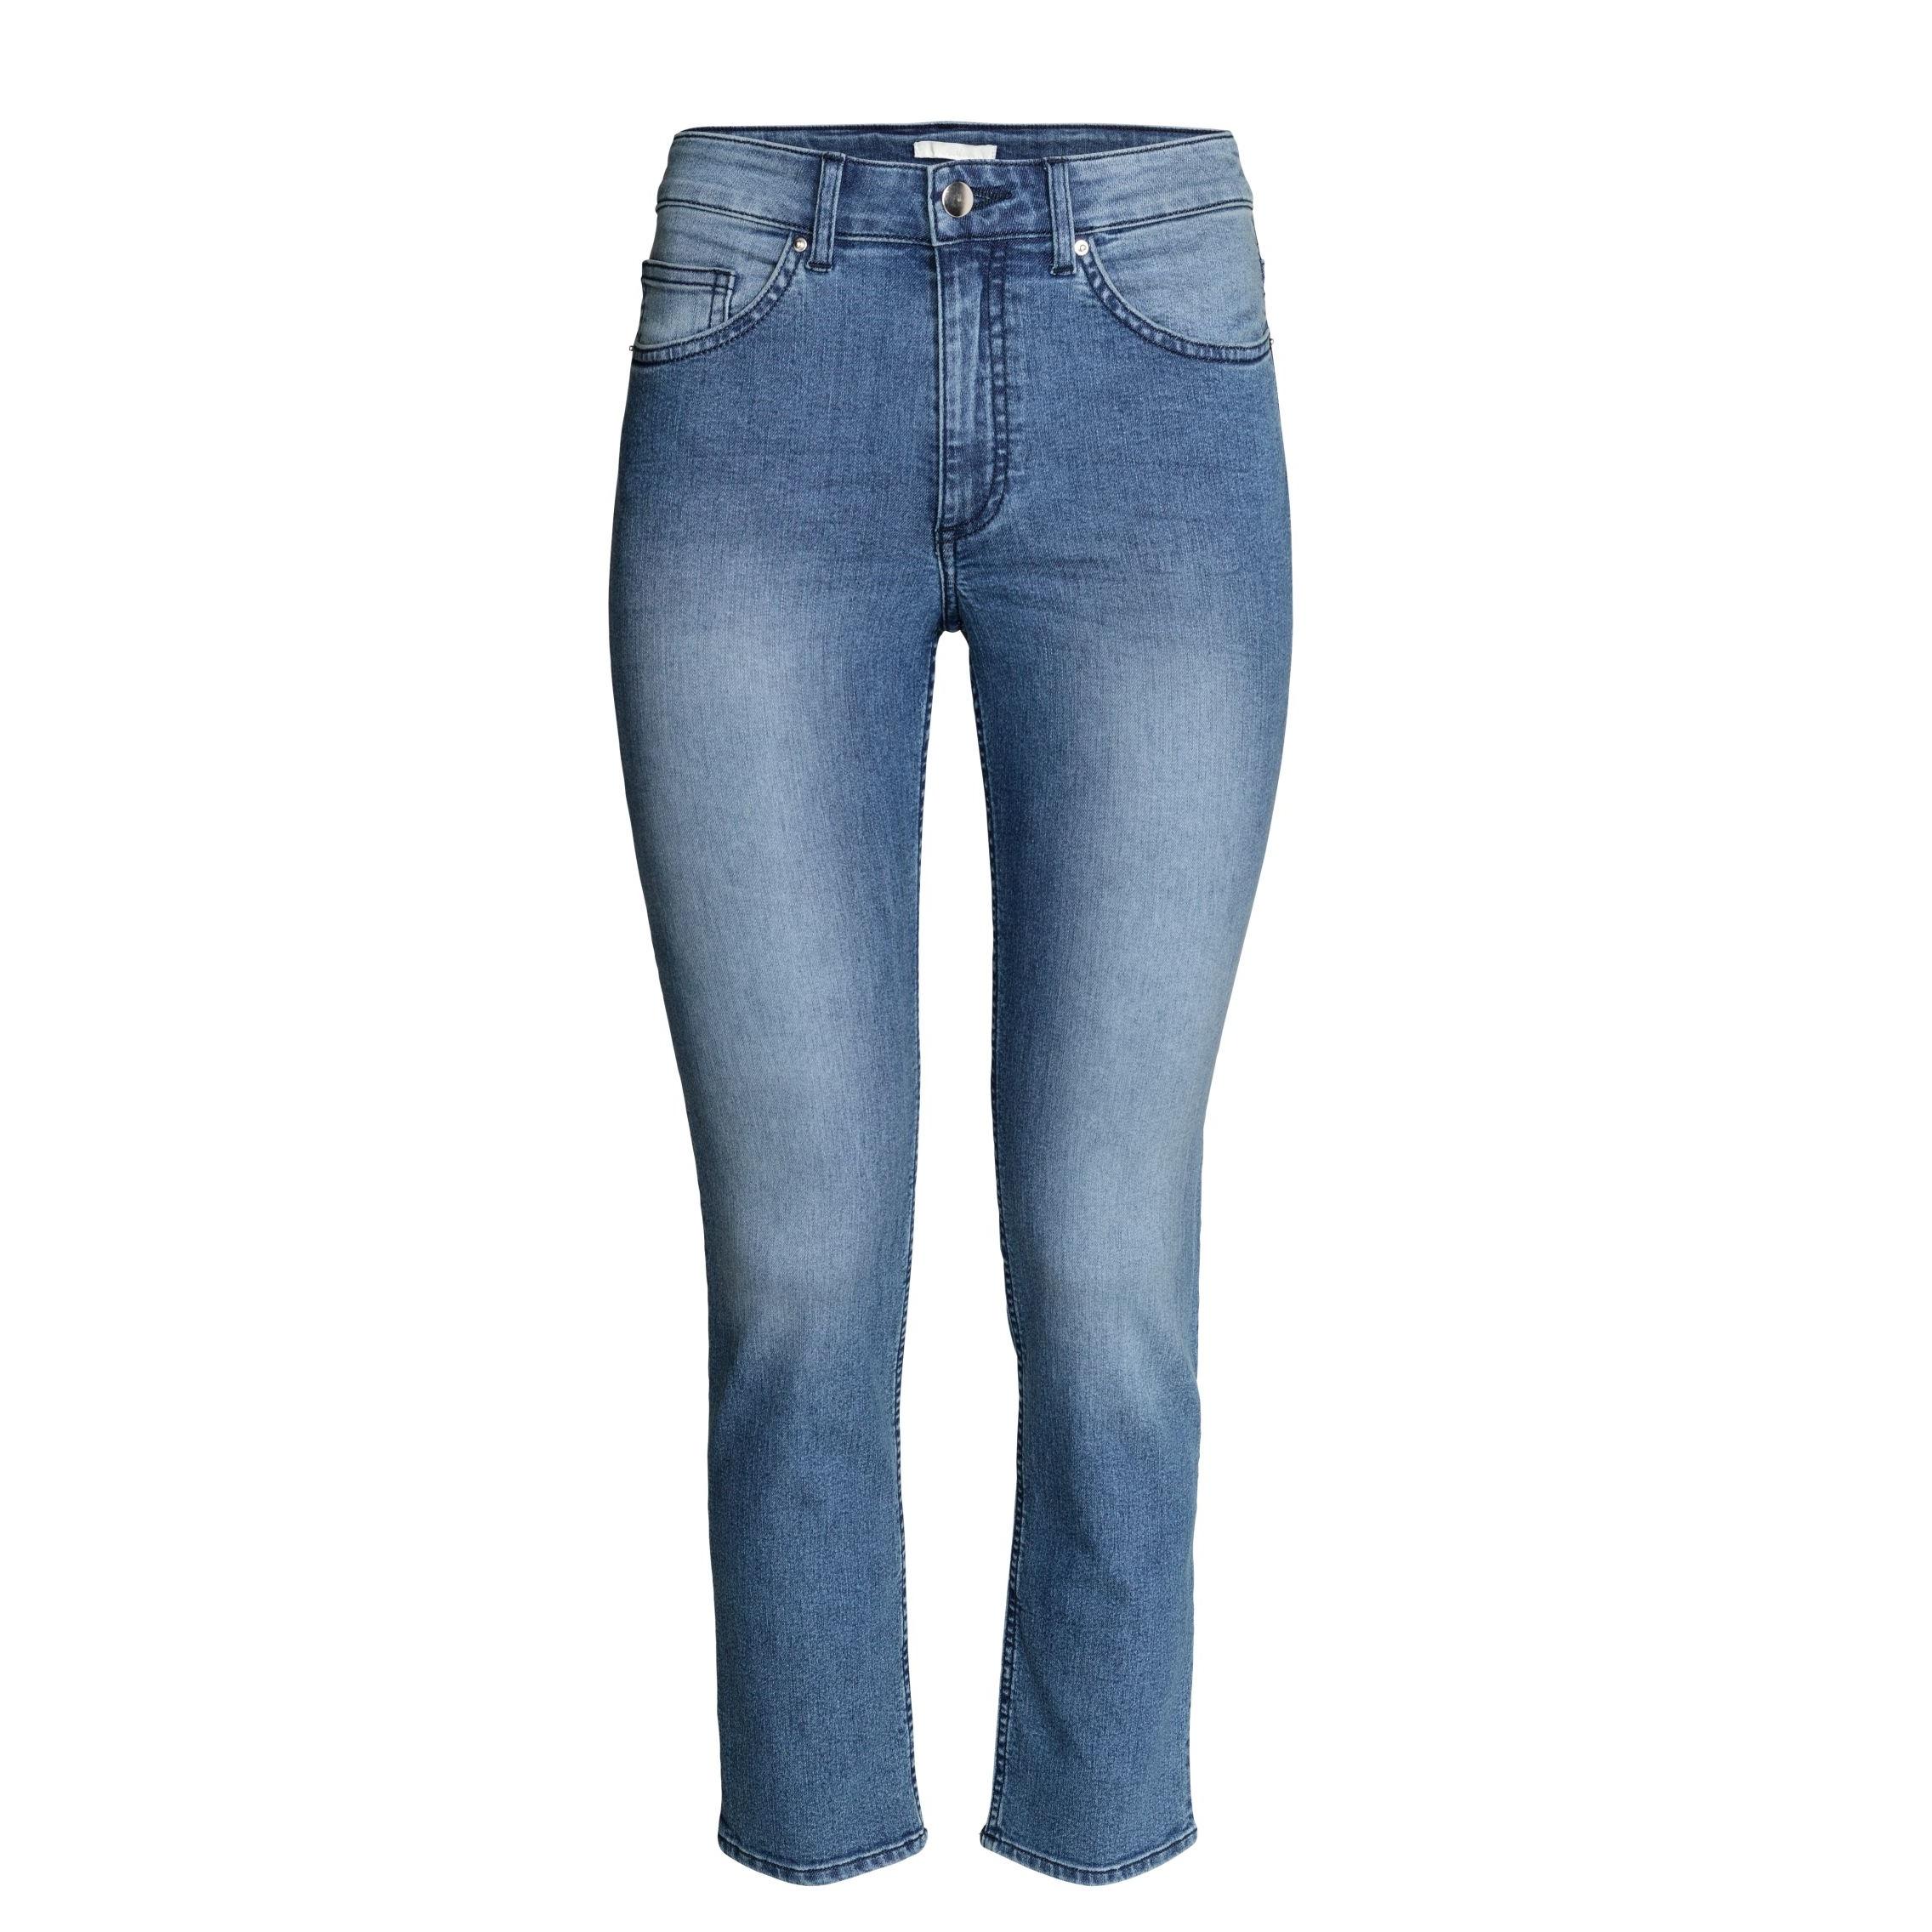 شلوار جین زنانه اچ اند ام مدل 00492